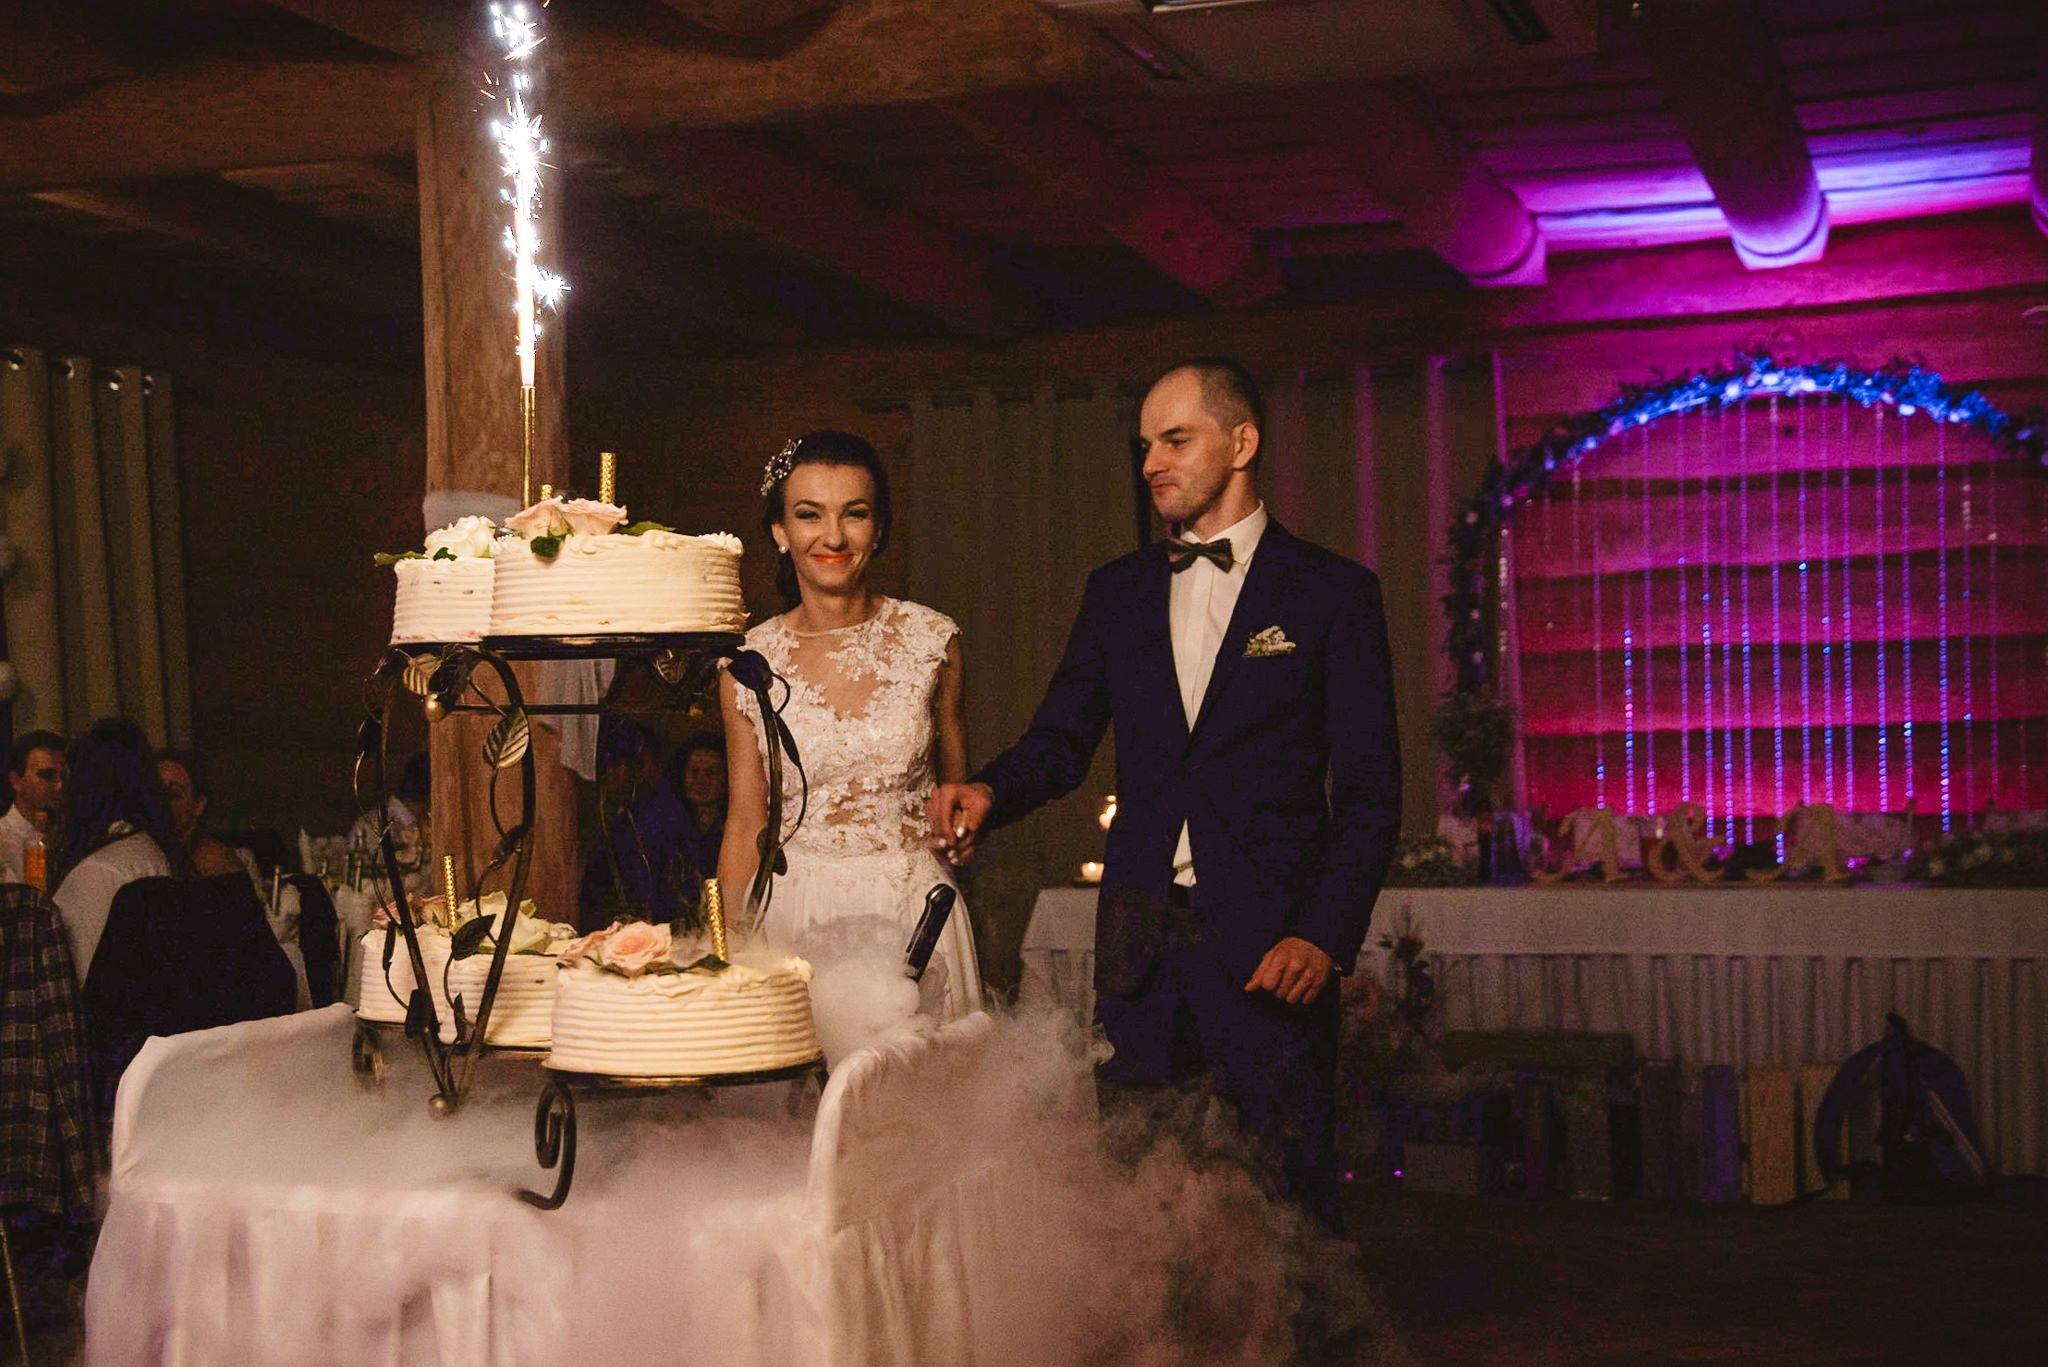 Ala i Arek, czyli jak zorganizować ślub i wesele w 4 tygodnie! 224